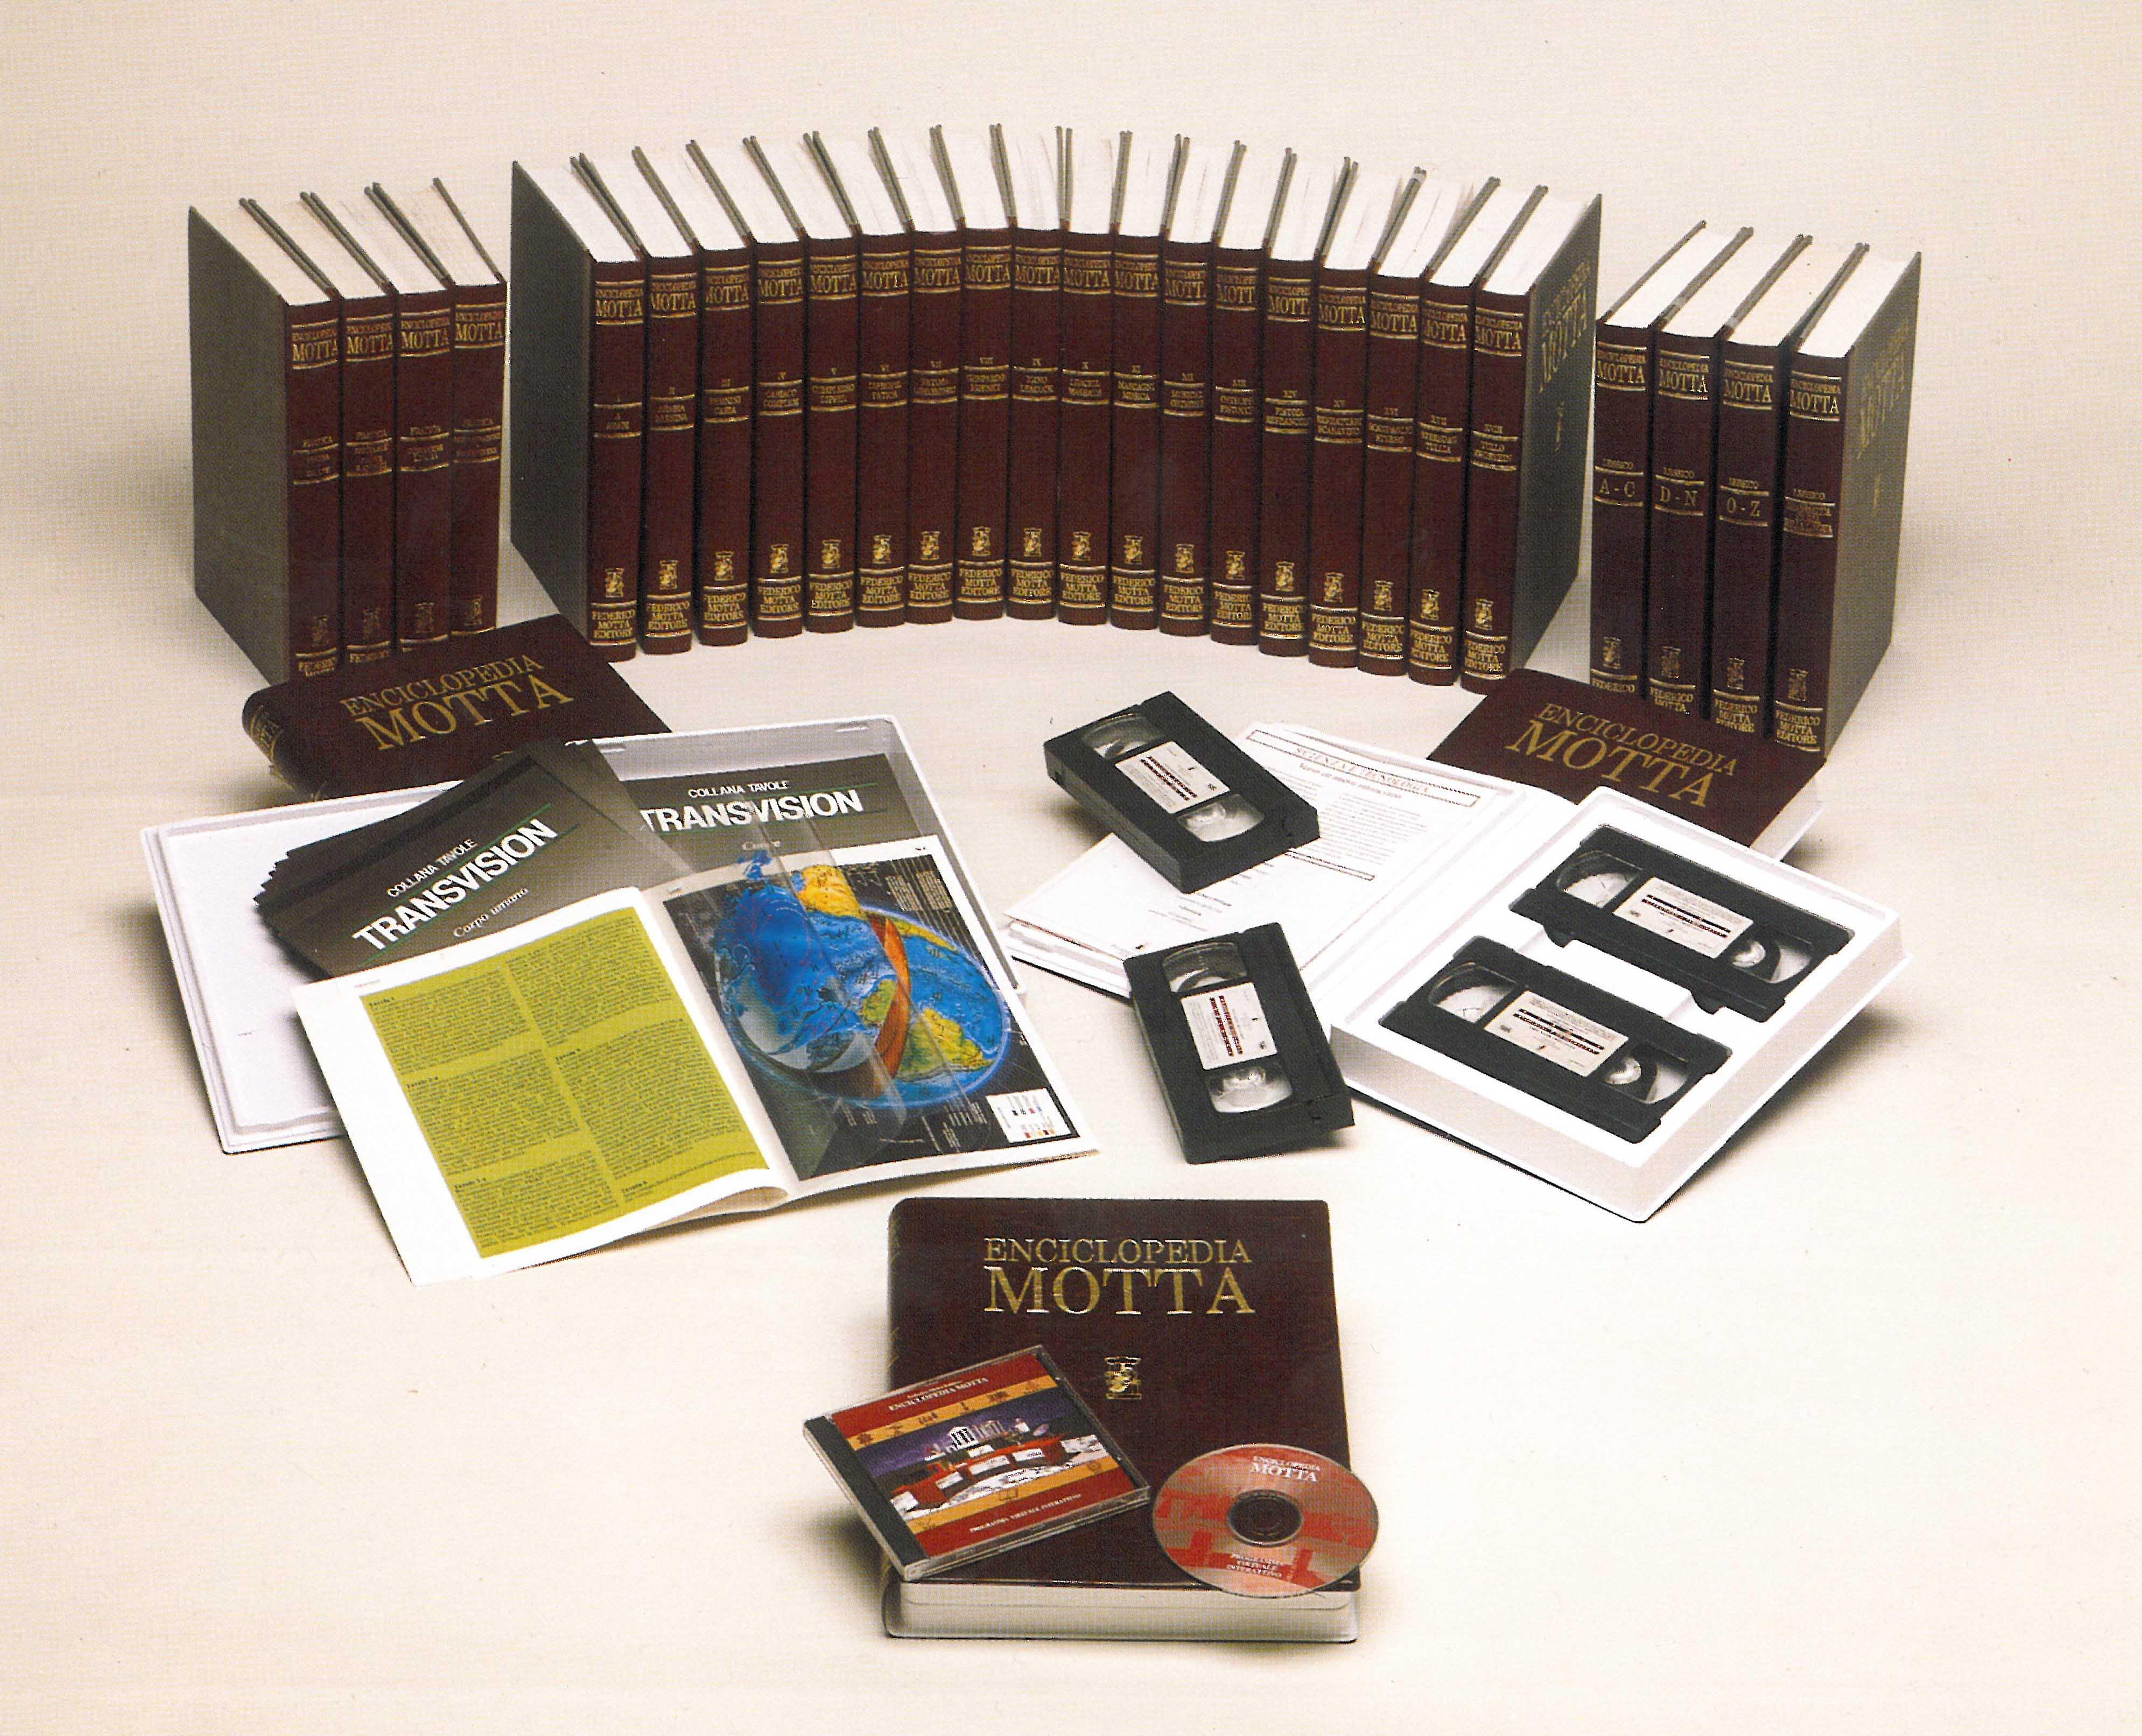 Negli anni Novanta l'Enciclopedia Motta conteneva solo elementi di ultima generazione per quel periodo: cassette, CD rom, Tavole Transvision e libri. Per Federico Motta Editore lavoro e attenzione all'innovazione sono parole chiave per la crescita dell'azienda